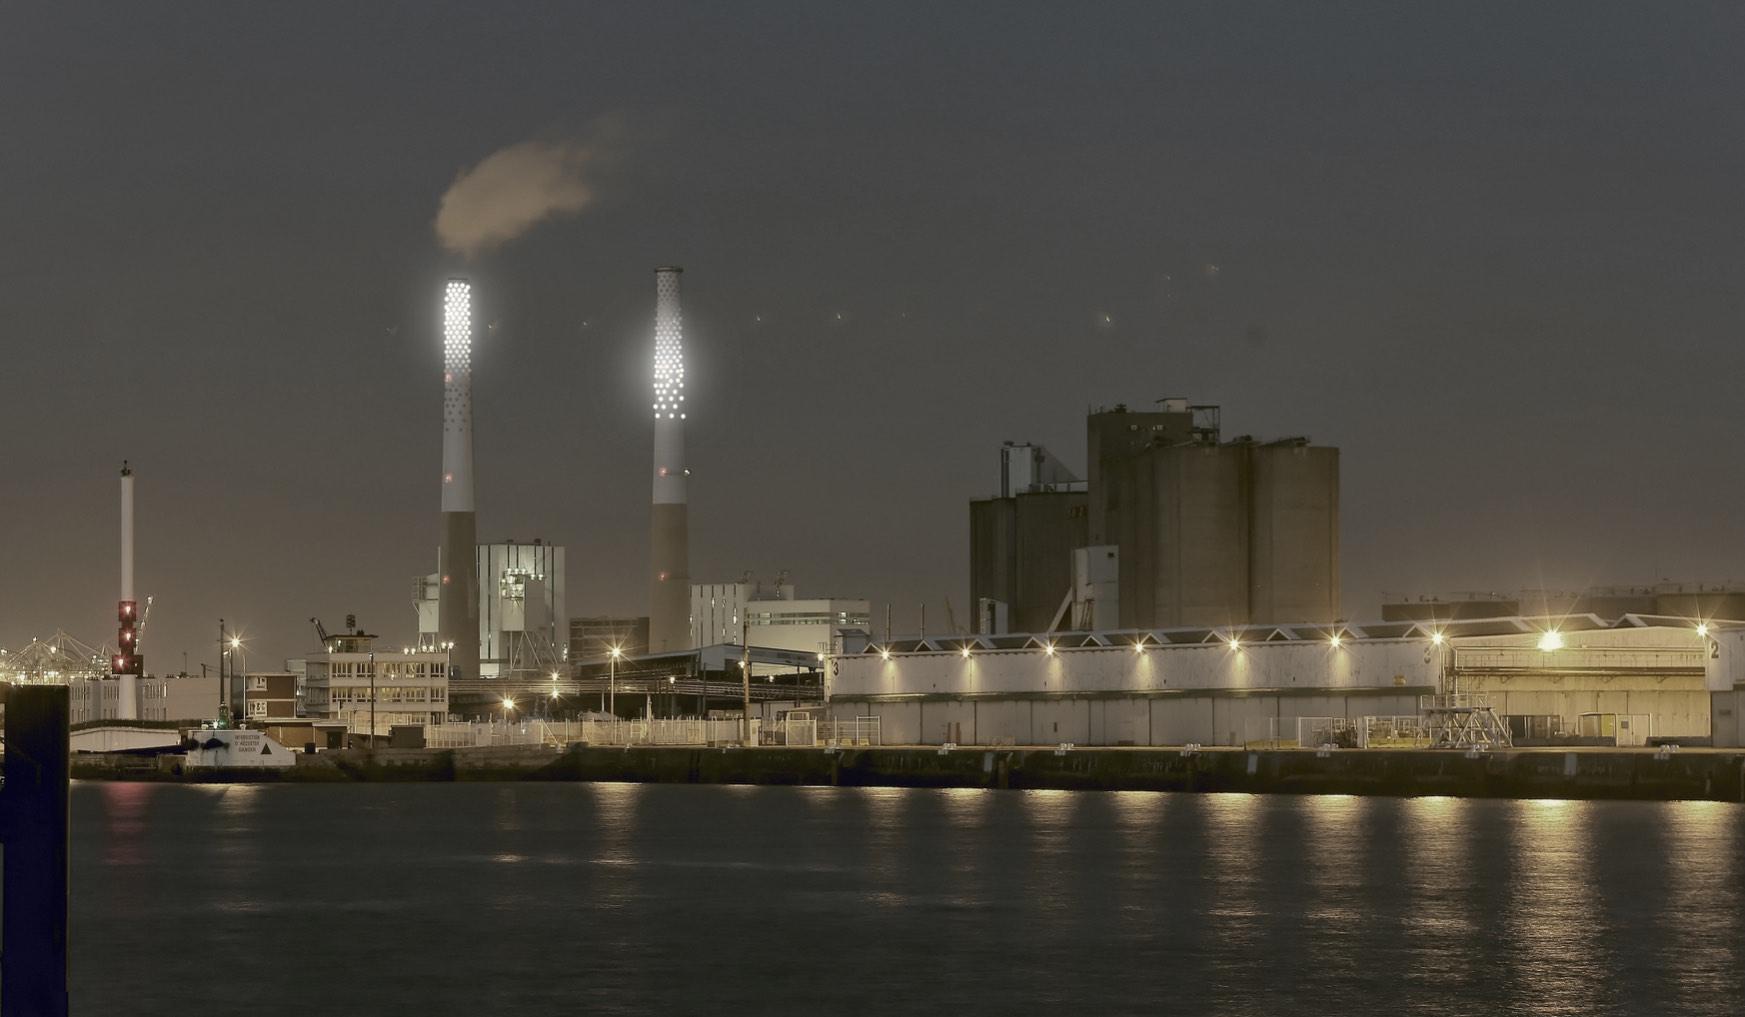 Le port du Havre de nuit et les cheminées de la centrale électrique mises en lumière par Félicie d'Estienne d'Orves.